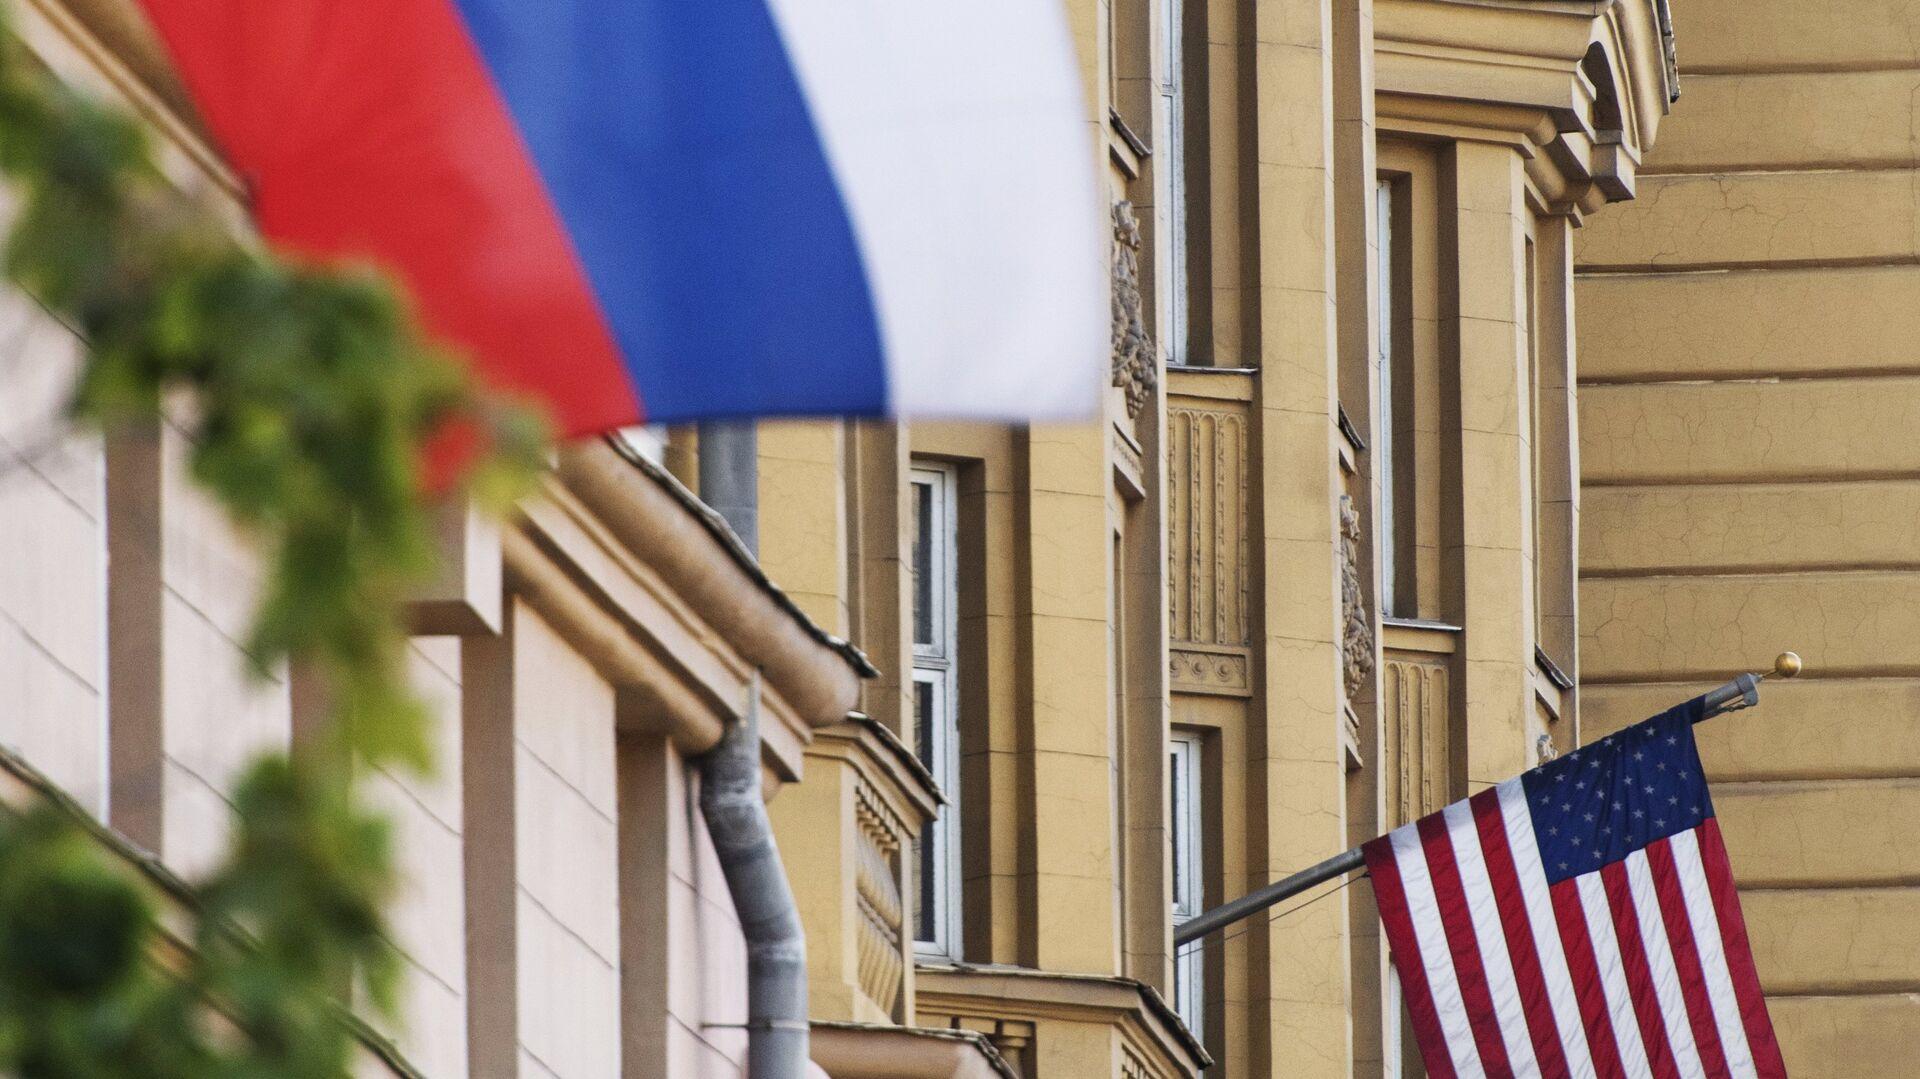 Banderas de Rusia y EEUU - Sputnik Mundo, 1920, 08.04.2021